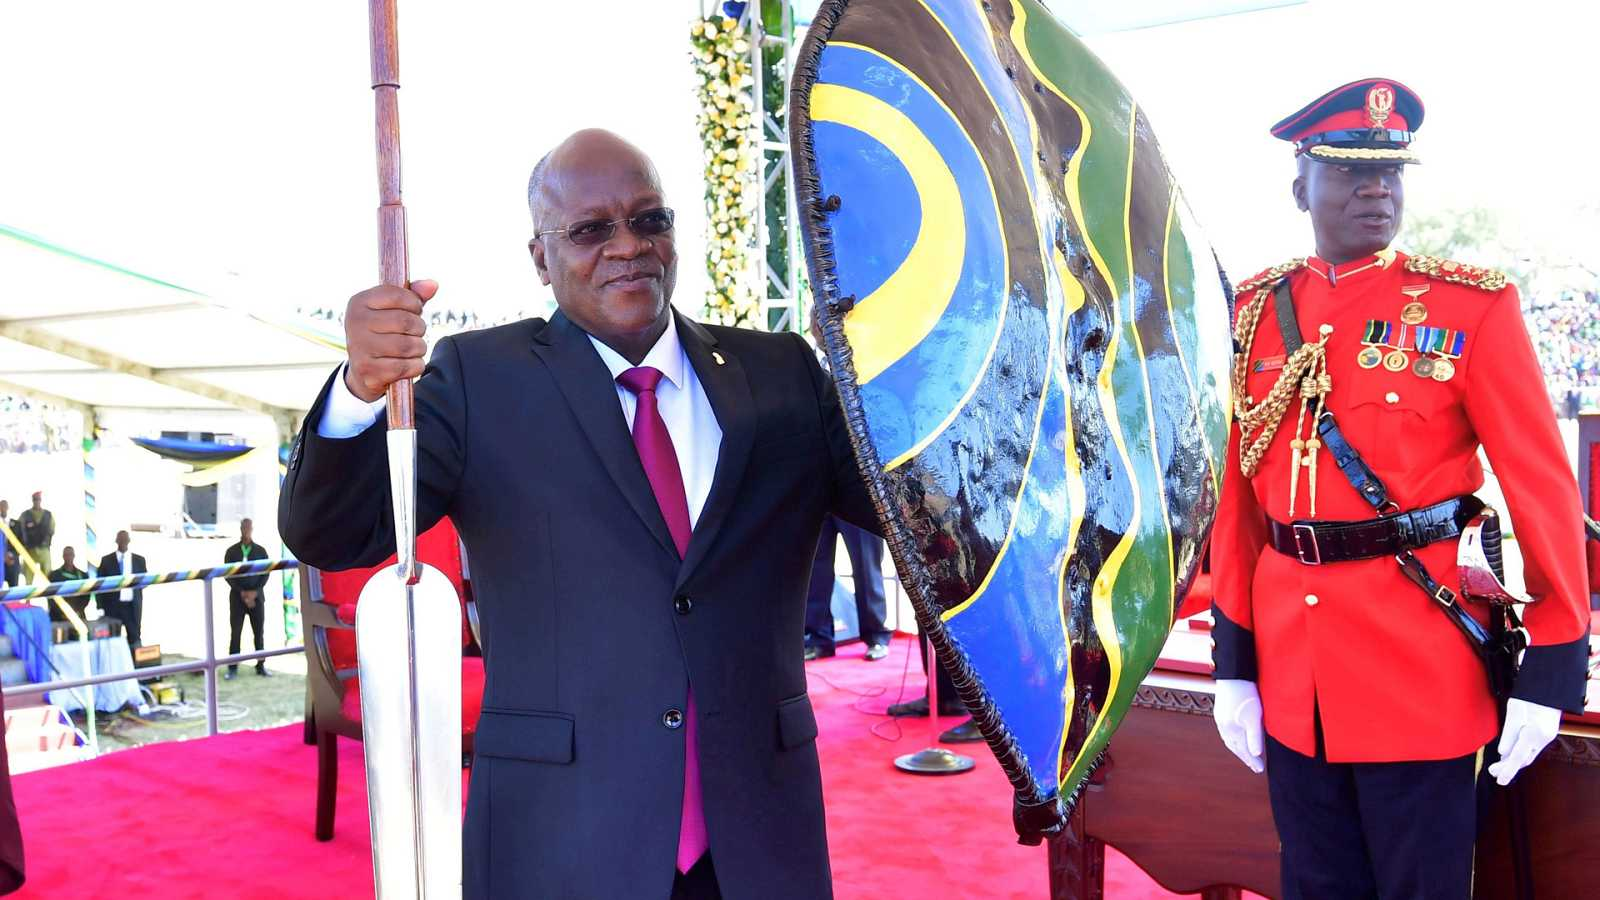 África hoy - Tanzania no vacunará contra la COVID-19 - 12/02/21 - escuchar ahora